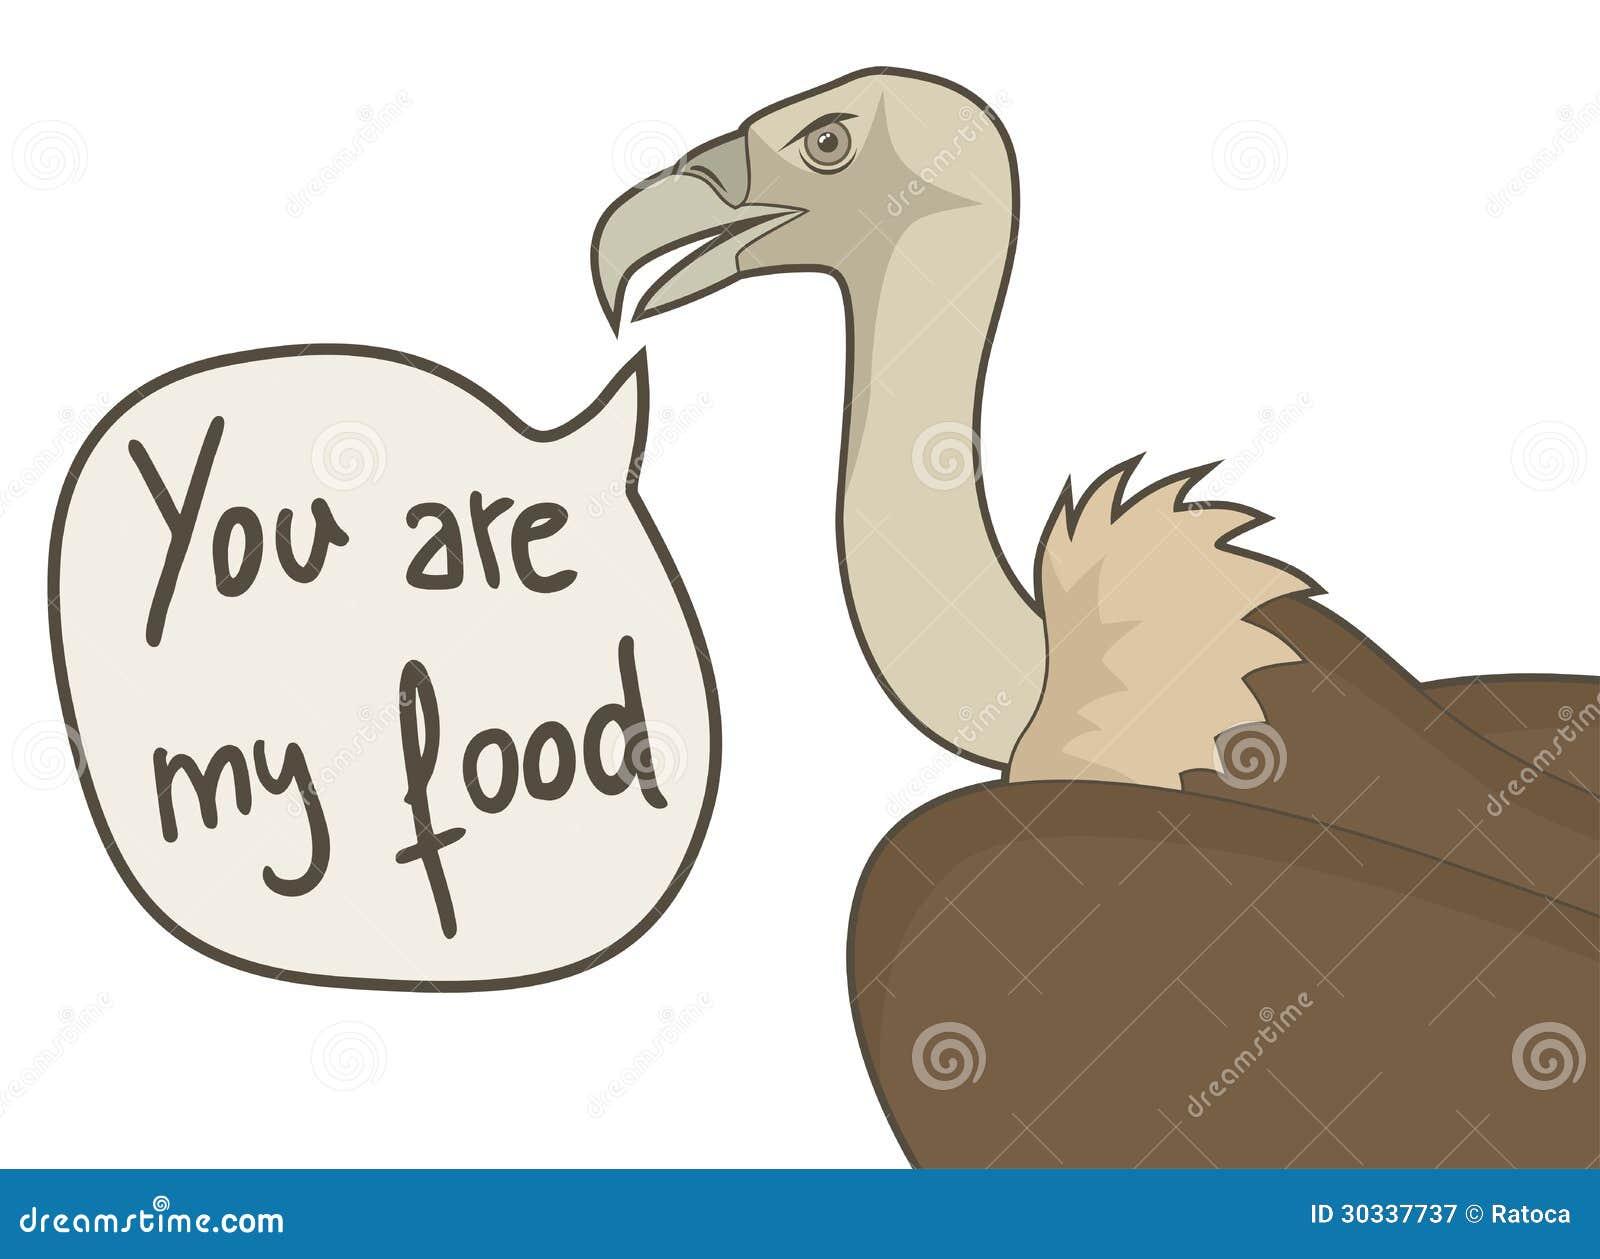 您是我的食物